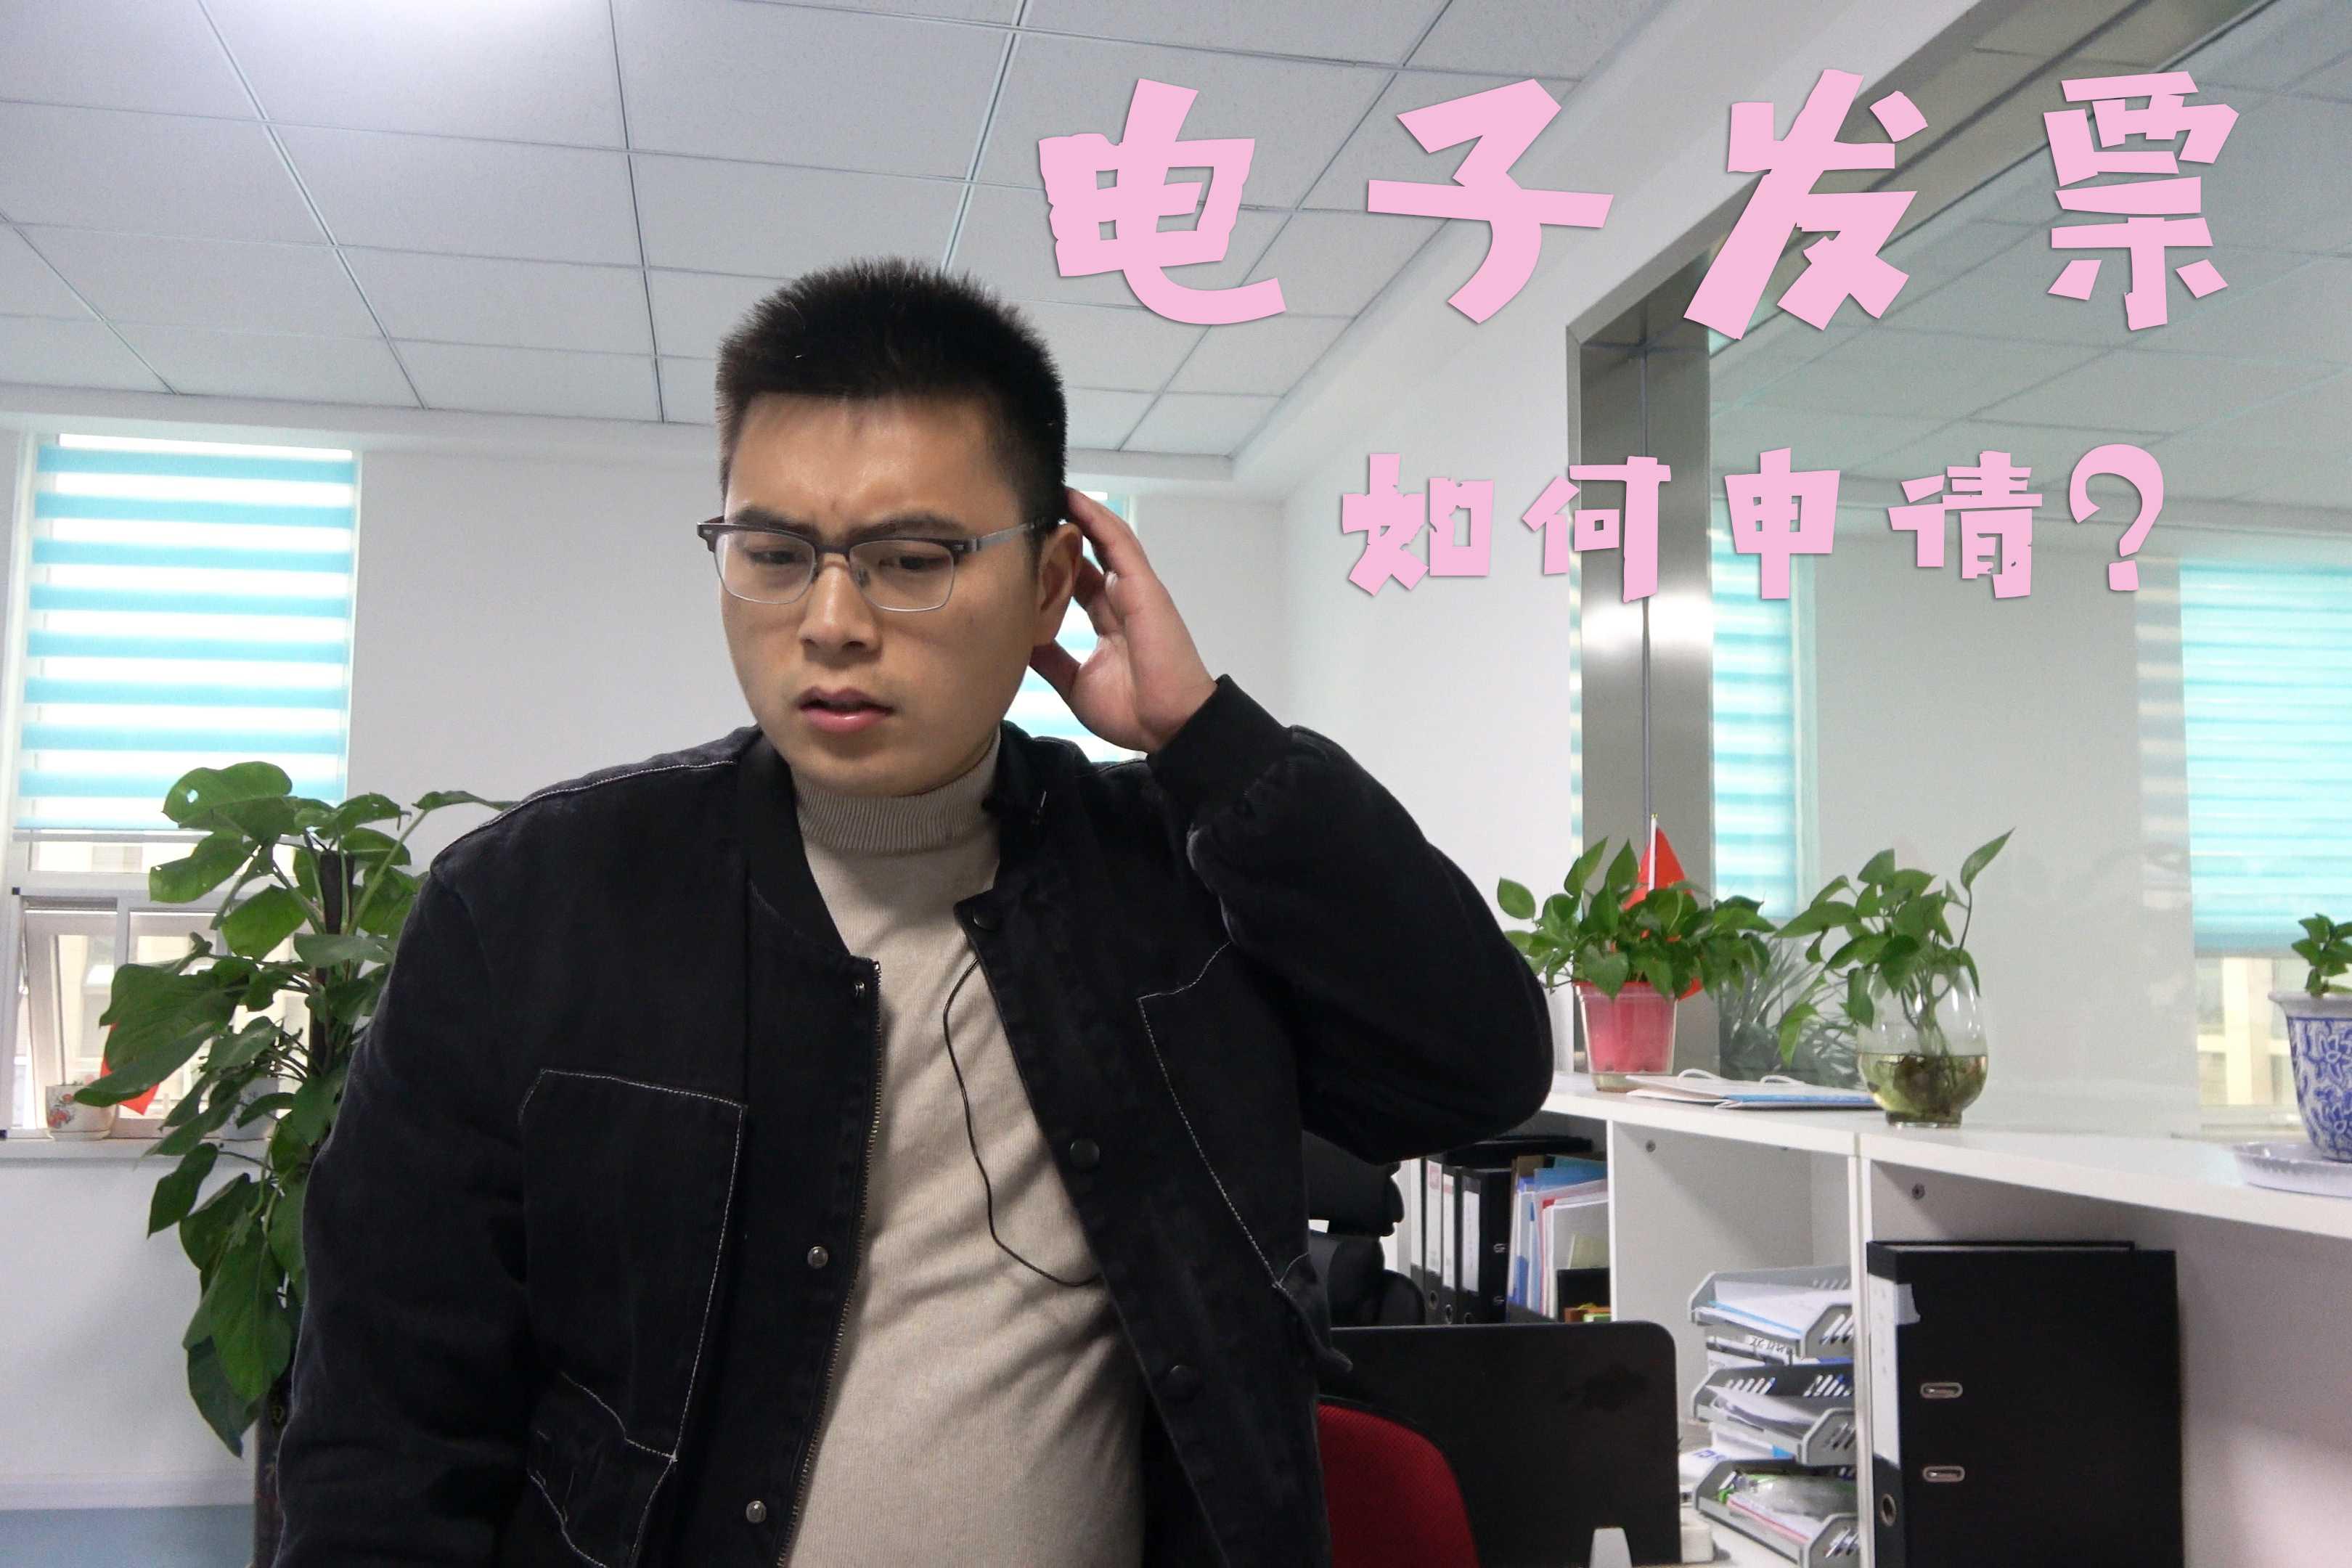 GET北纳新技能第三话【电子发票更便捷】-www.biaowu.com